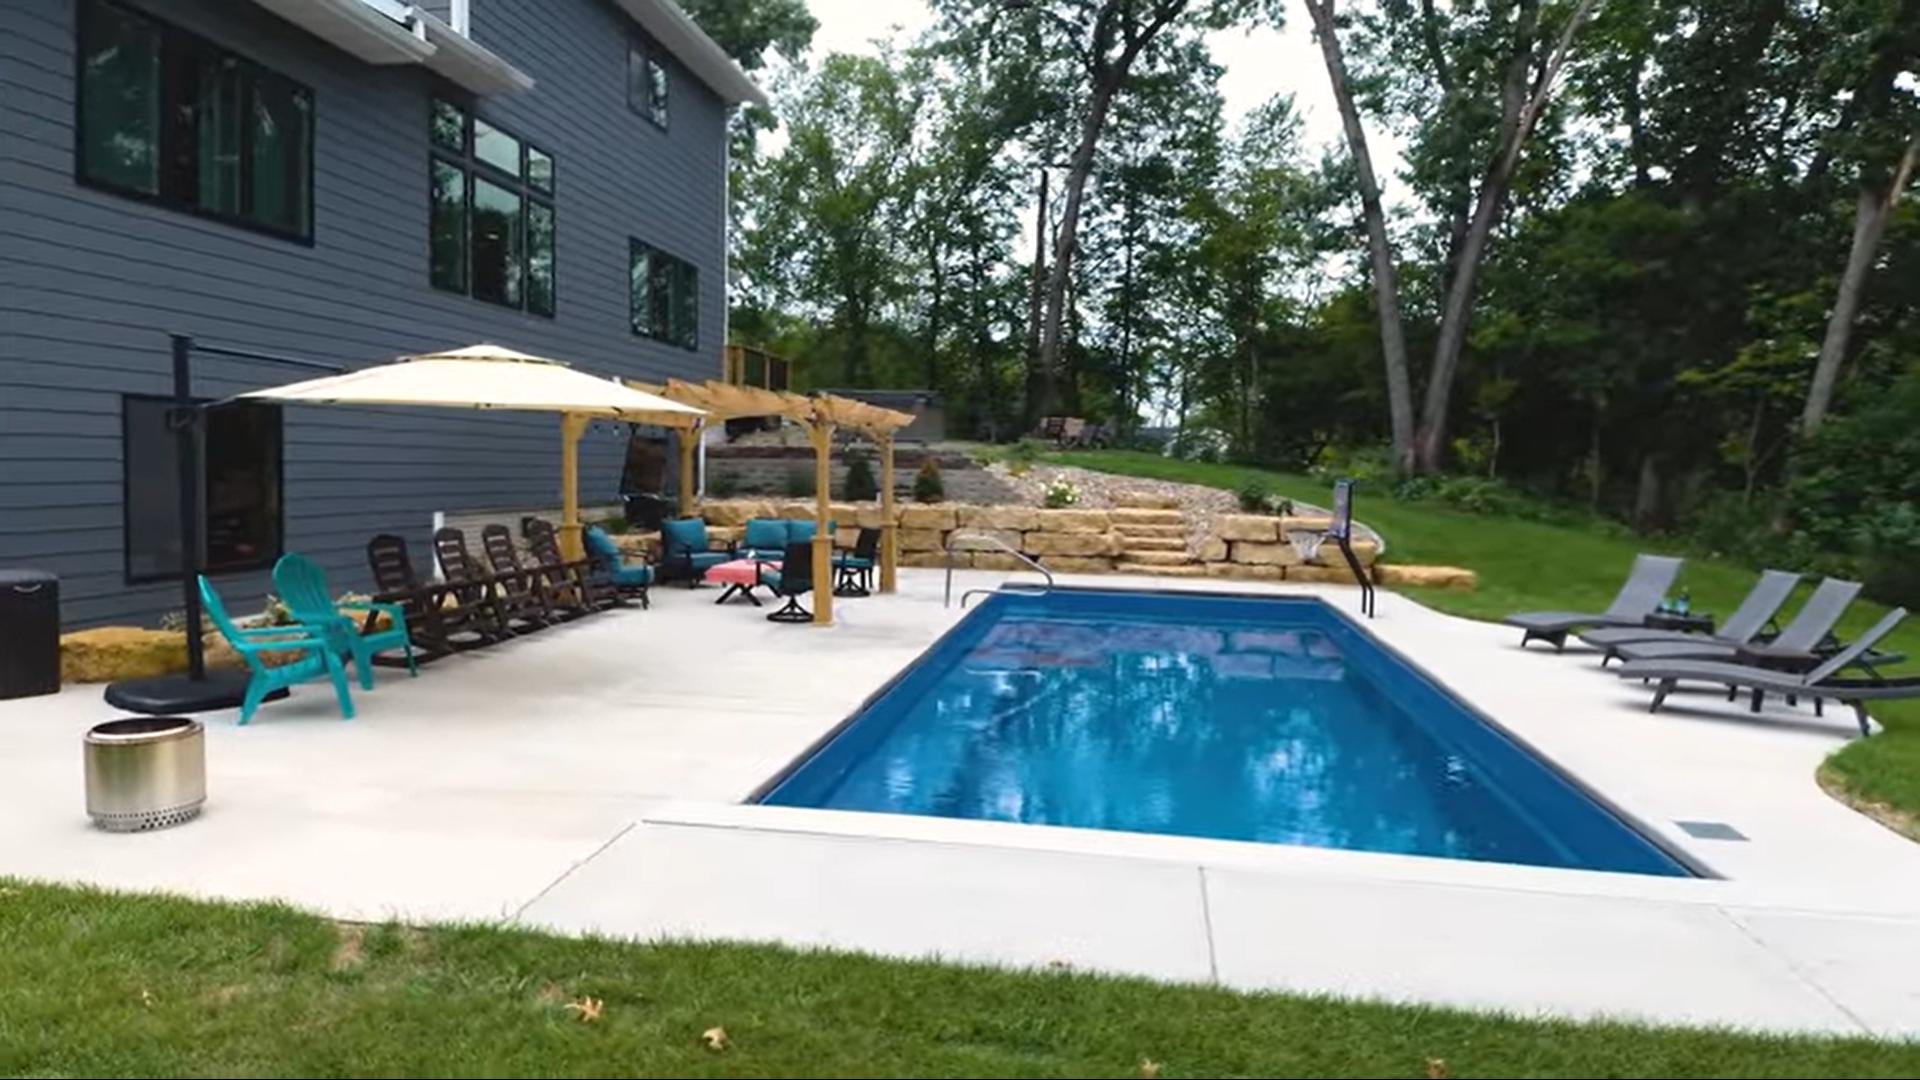 Imagine Pools Marvelous 40 Swimming Pools Swimming Pools Inground Pool